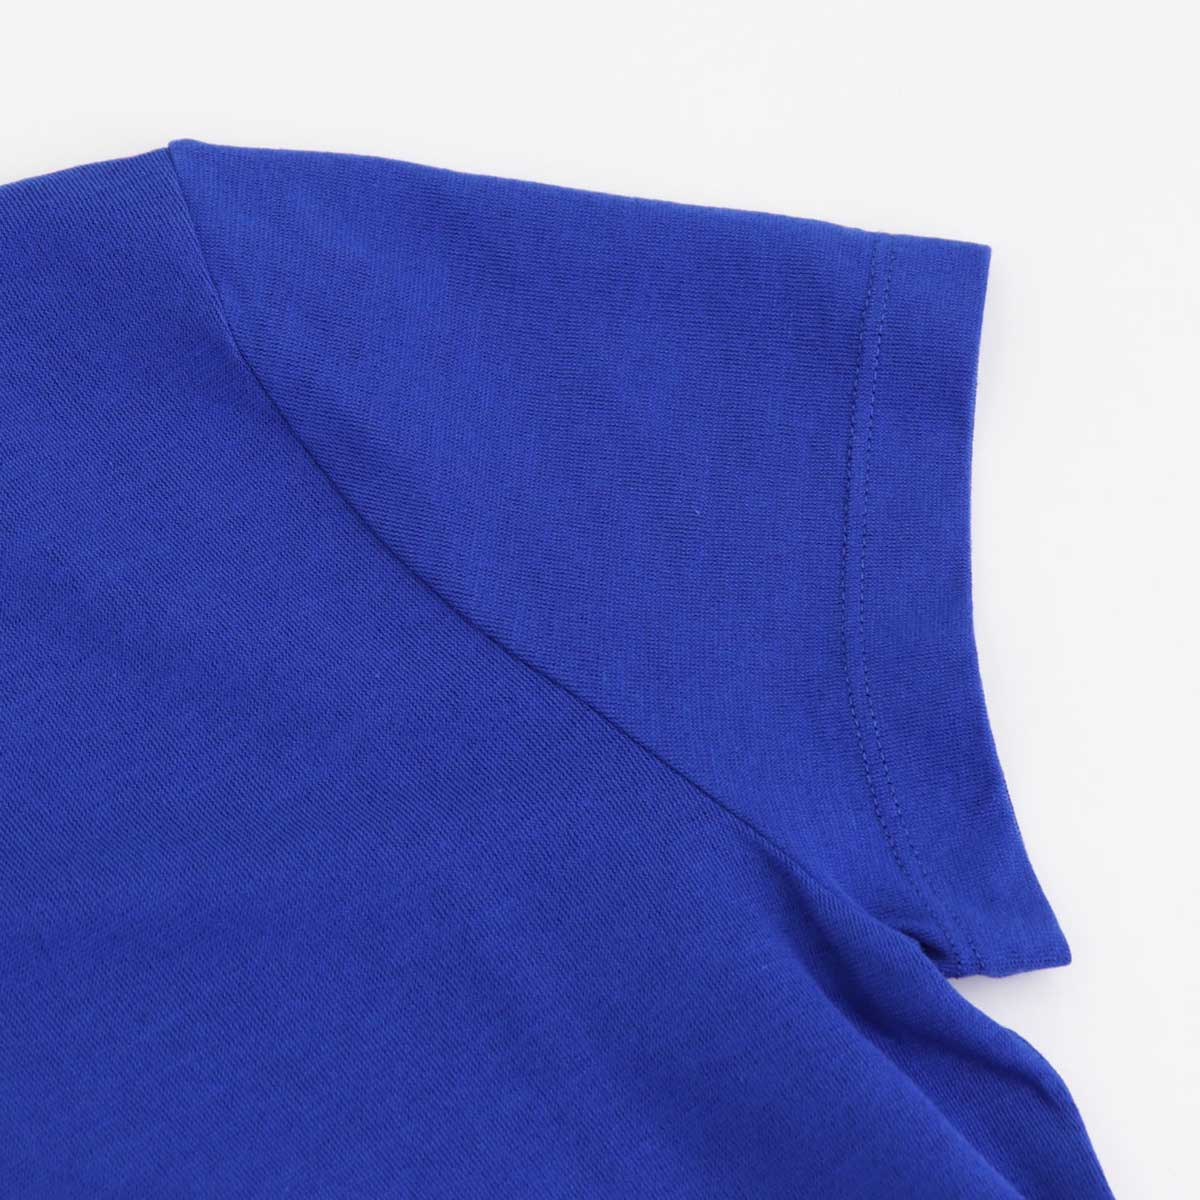 2020年春夏新作 ZANONE ザノーネ レディース アイスコットン クルーネック 半袖Tシャツ GIRO MC 850025 Z0480 Z5065 (ブルー)